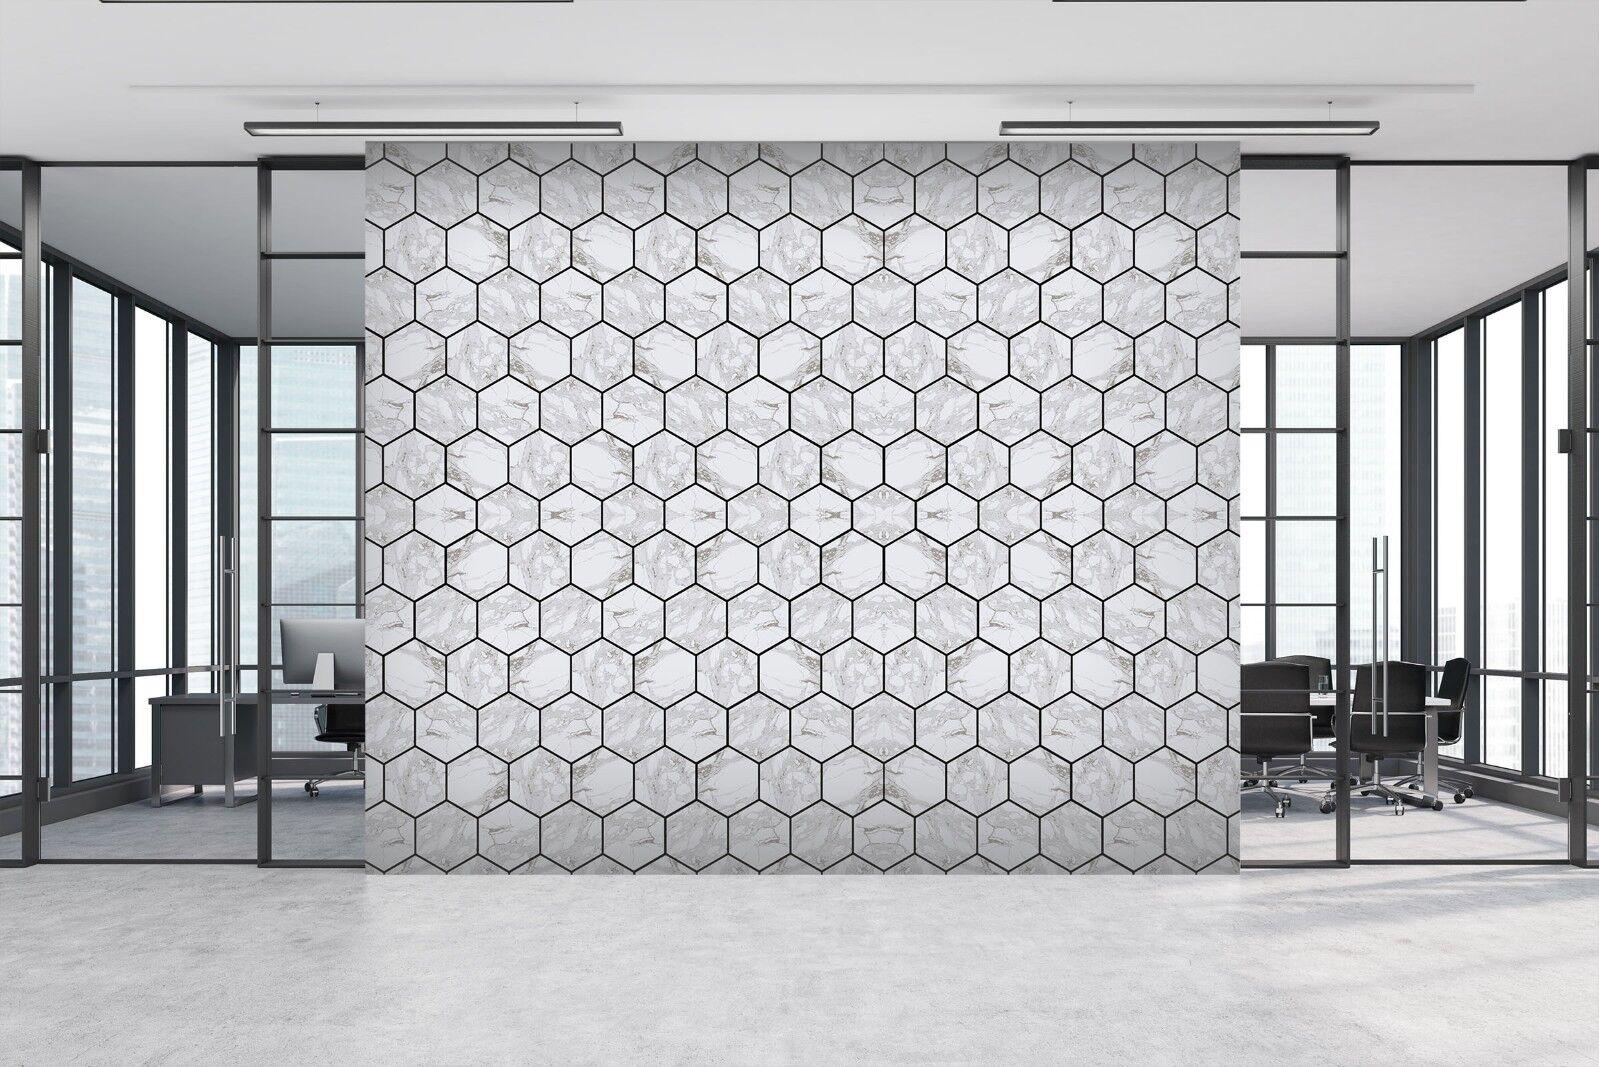 3d esagonali pietra mattone 457 texture piastrelle marmo muro carta da decalcomania murale carta - Piastrelle muro pietra ...